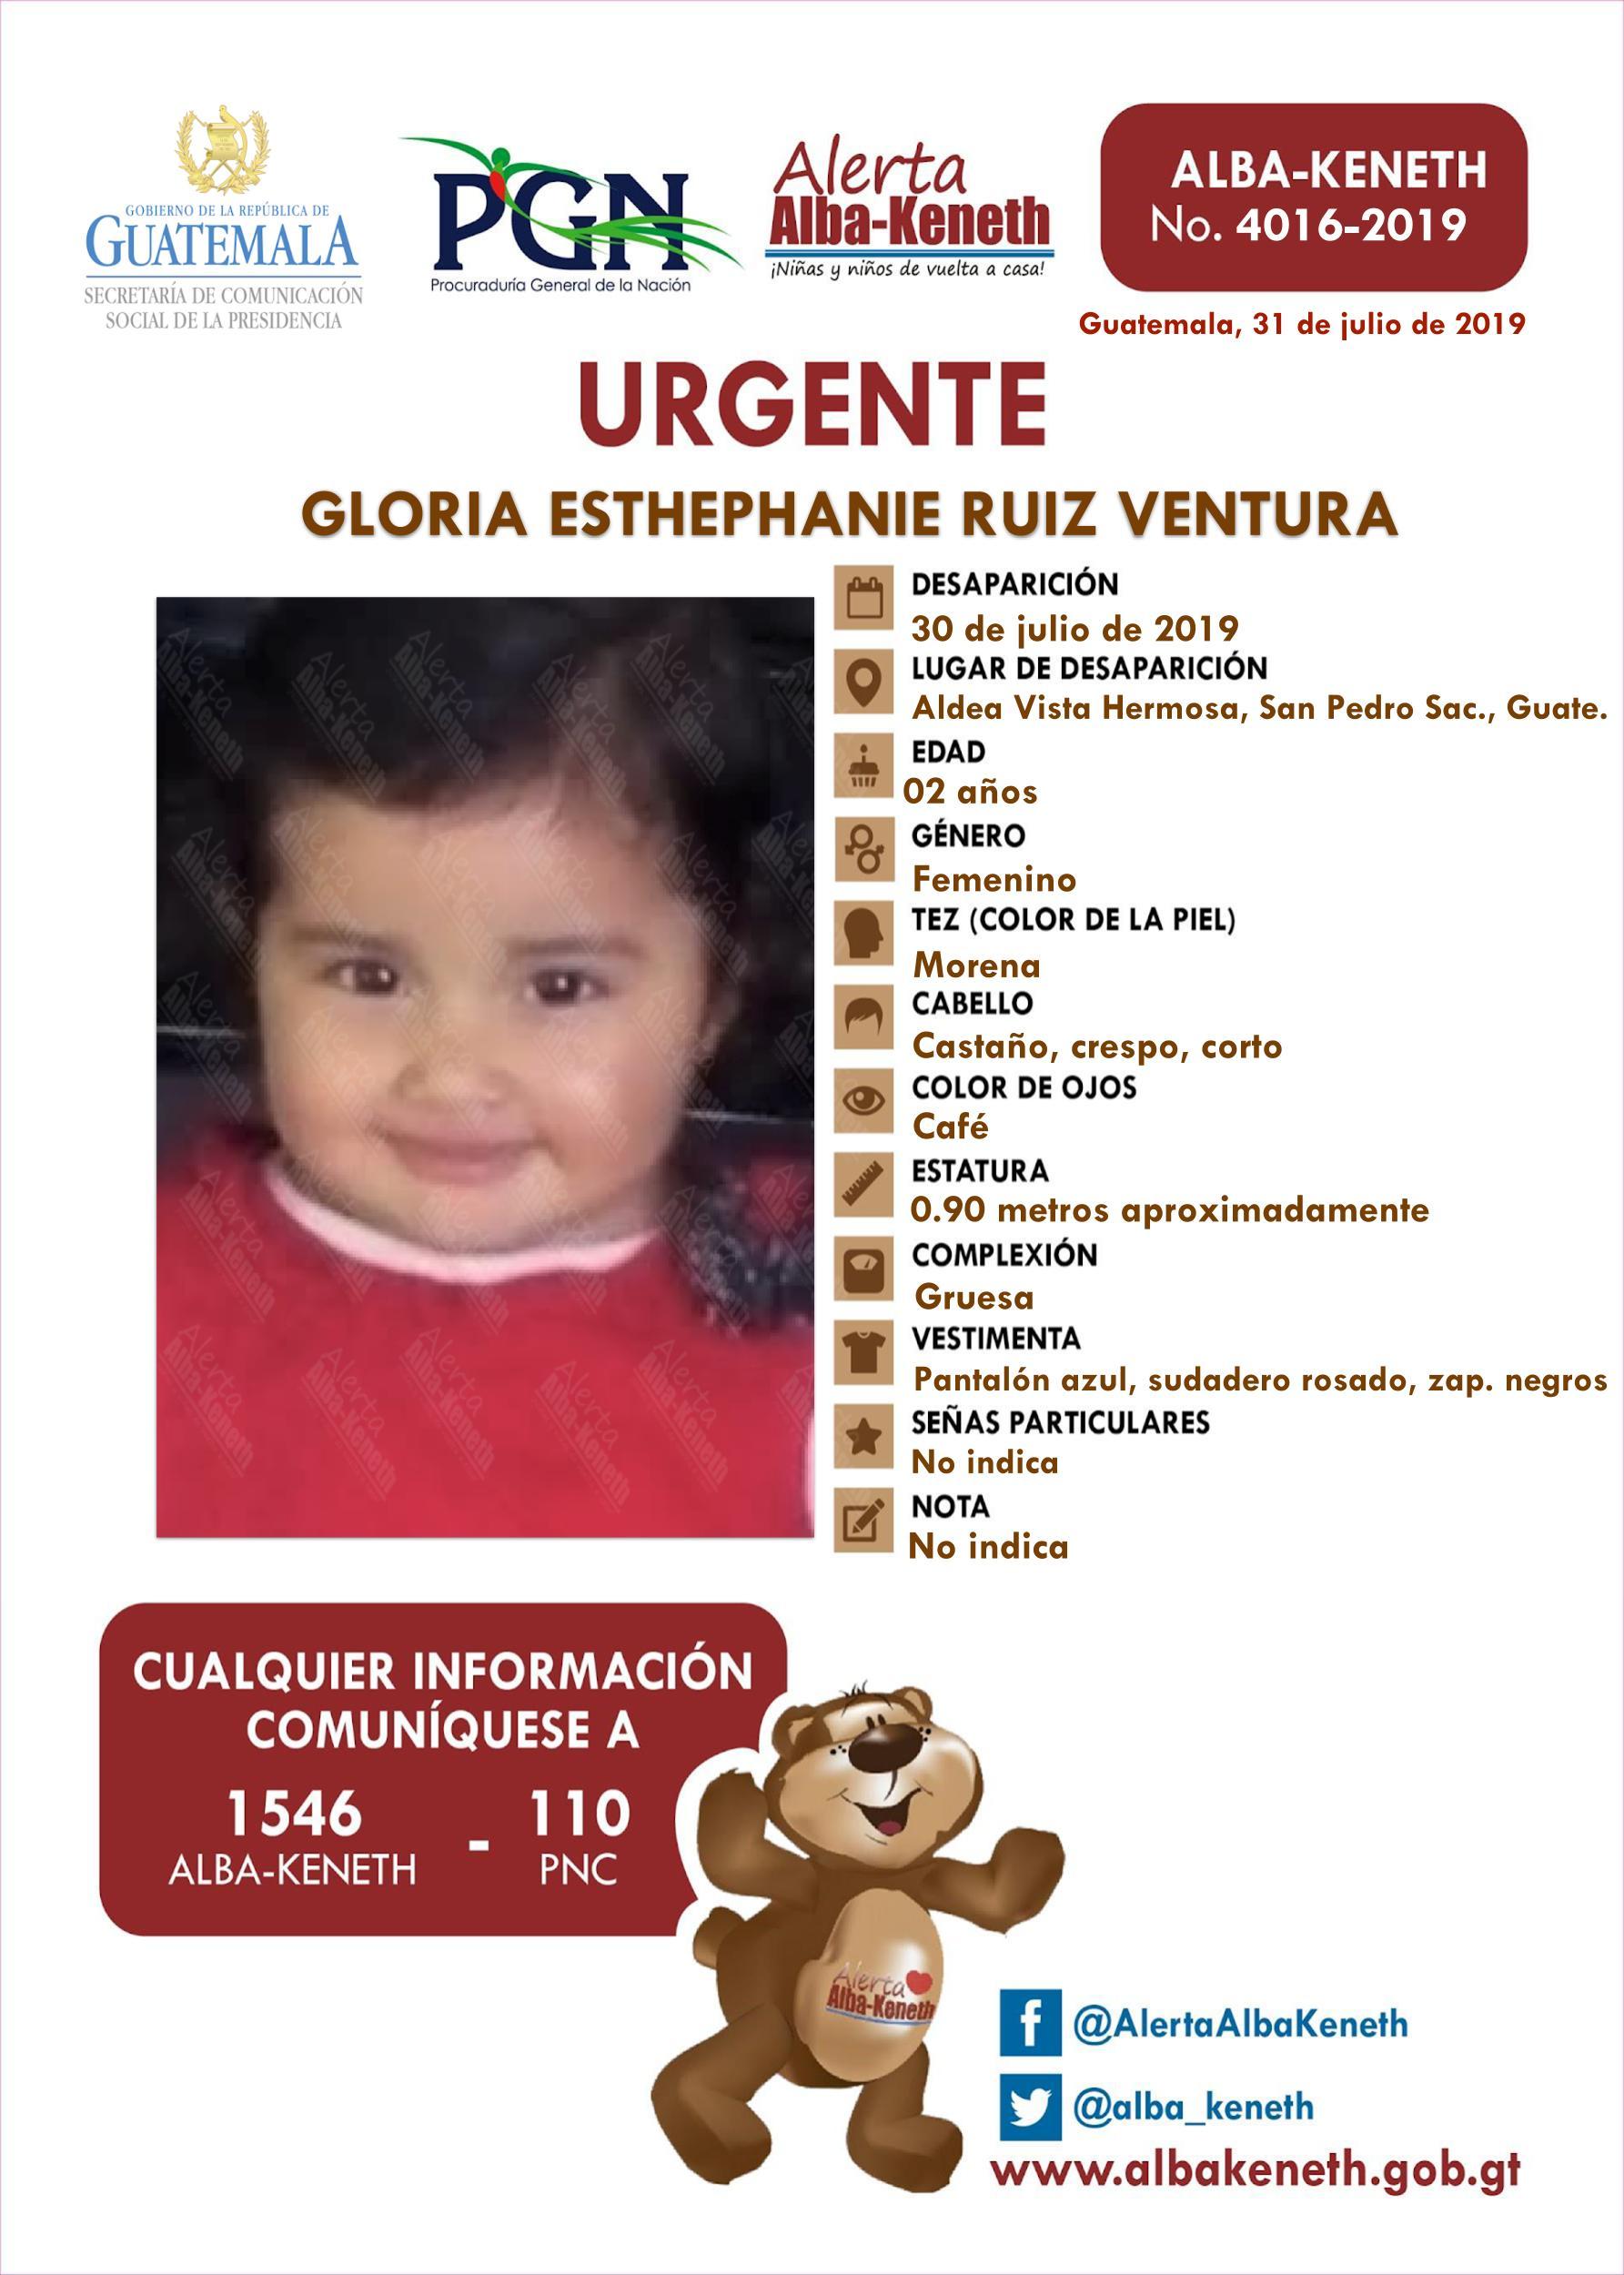 Gloria Esthephanie Ruiz Ventura